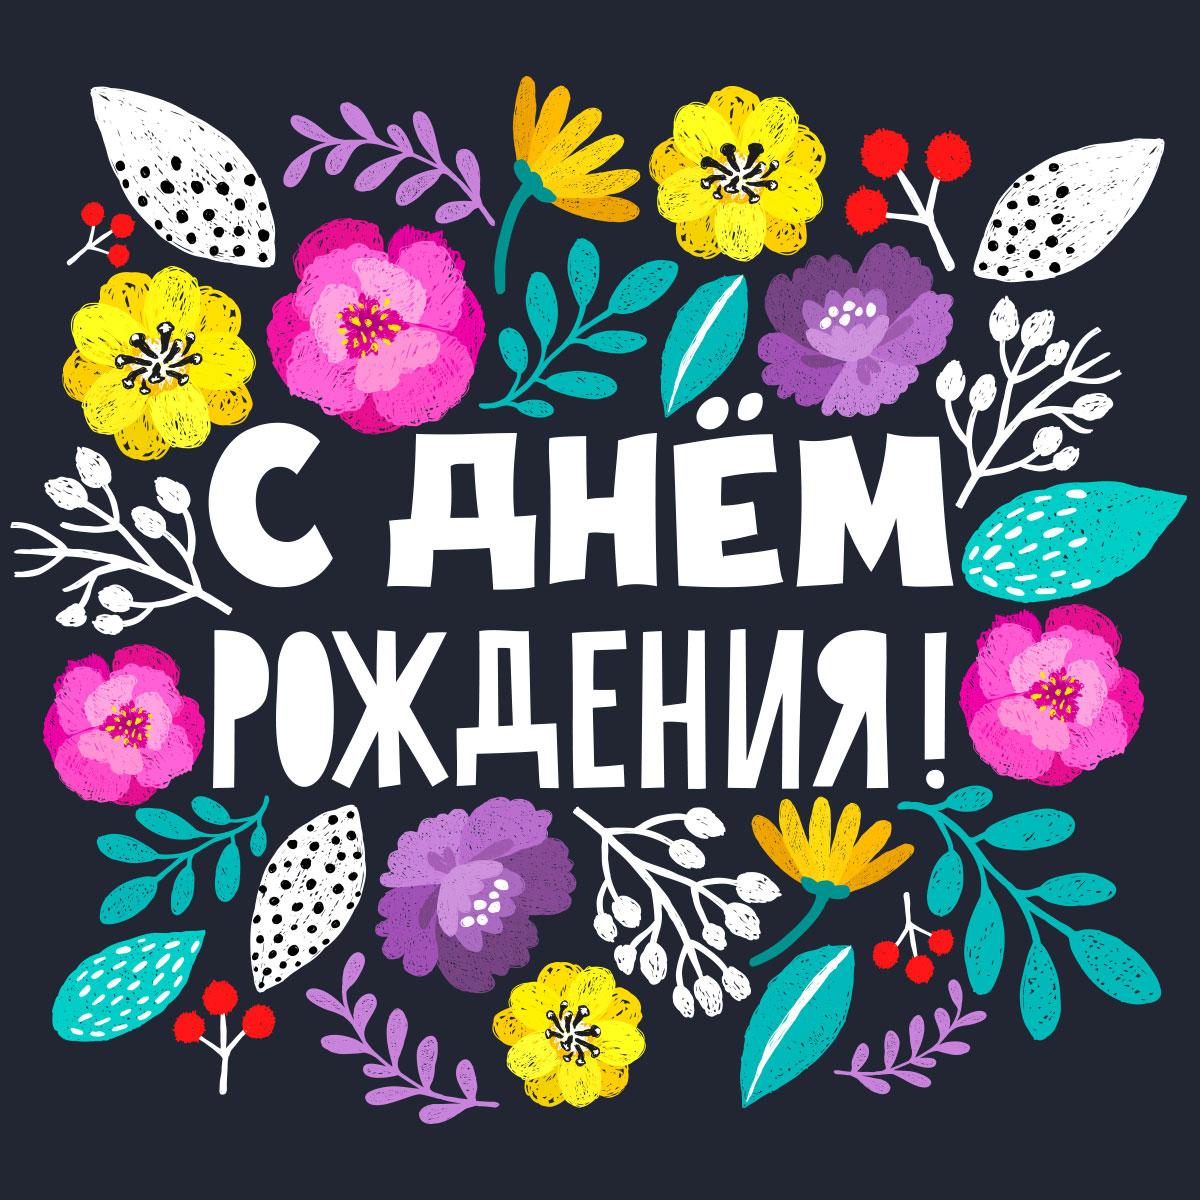 Картинка с текстом с днем рождения для открытки красивые цветы на черном фоне.